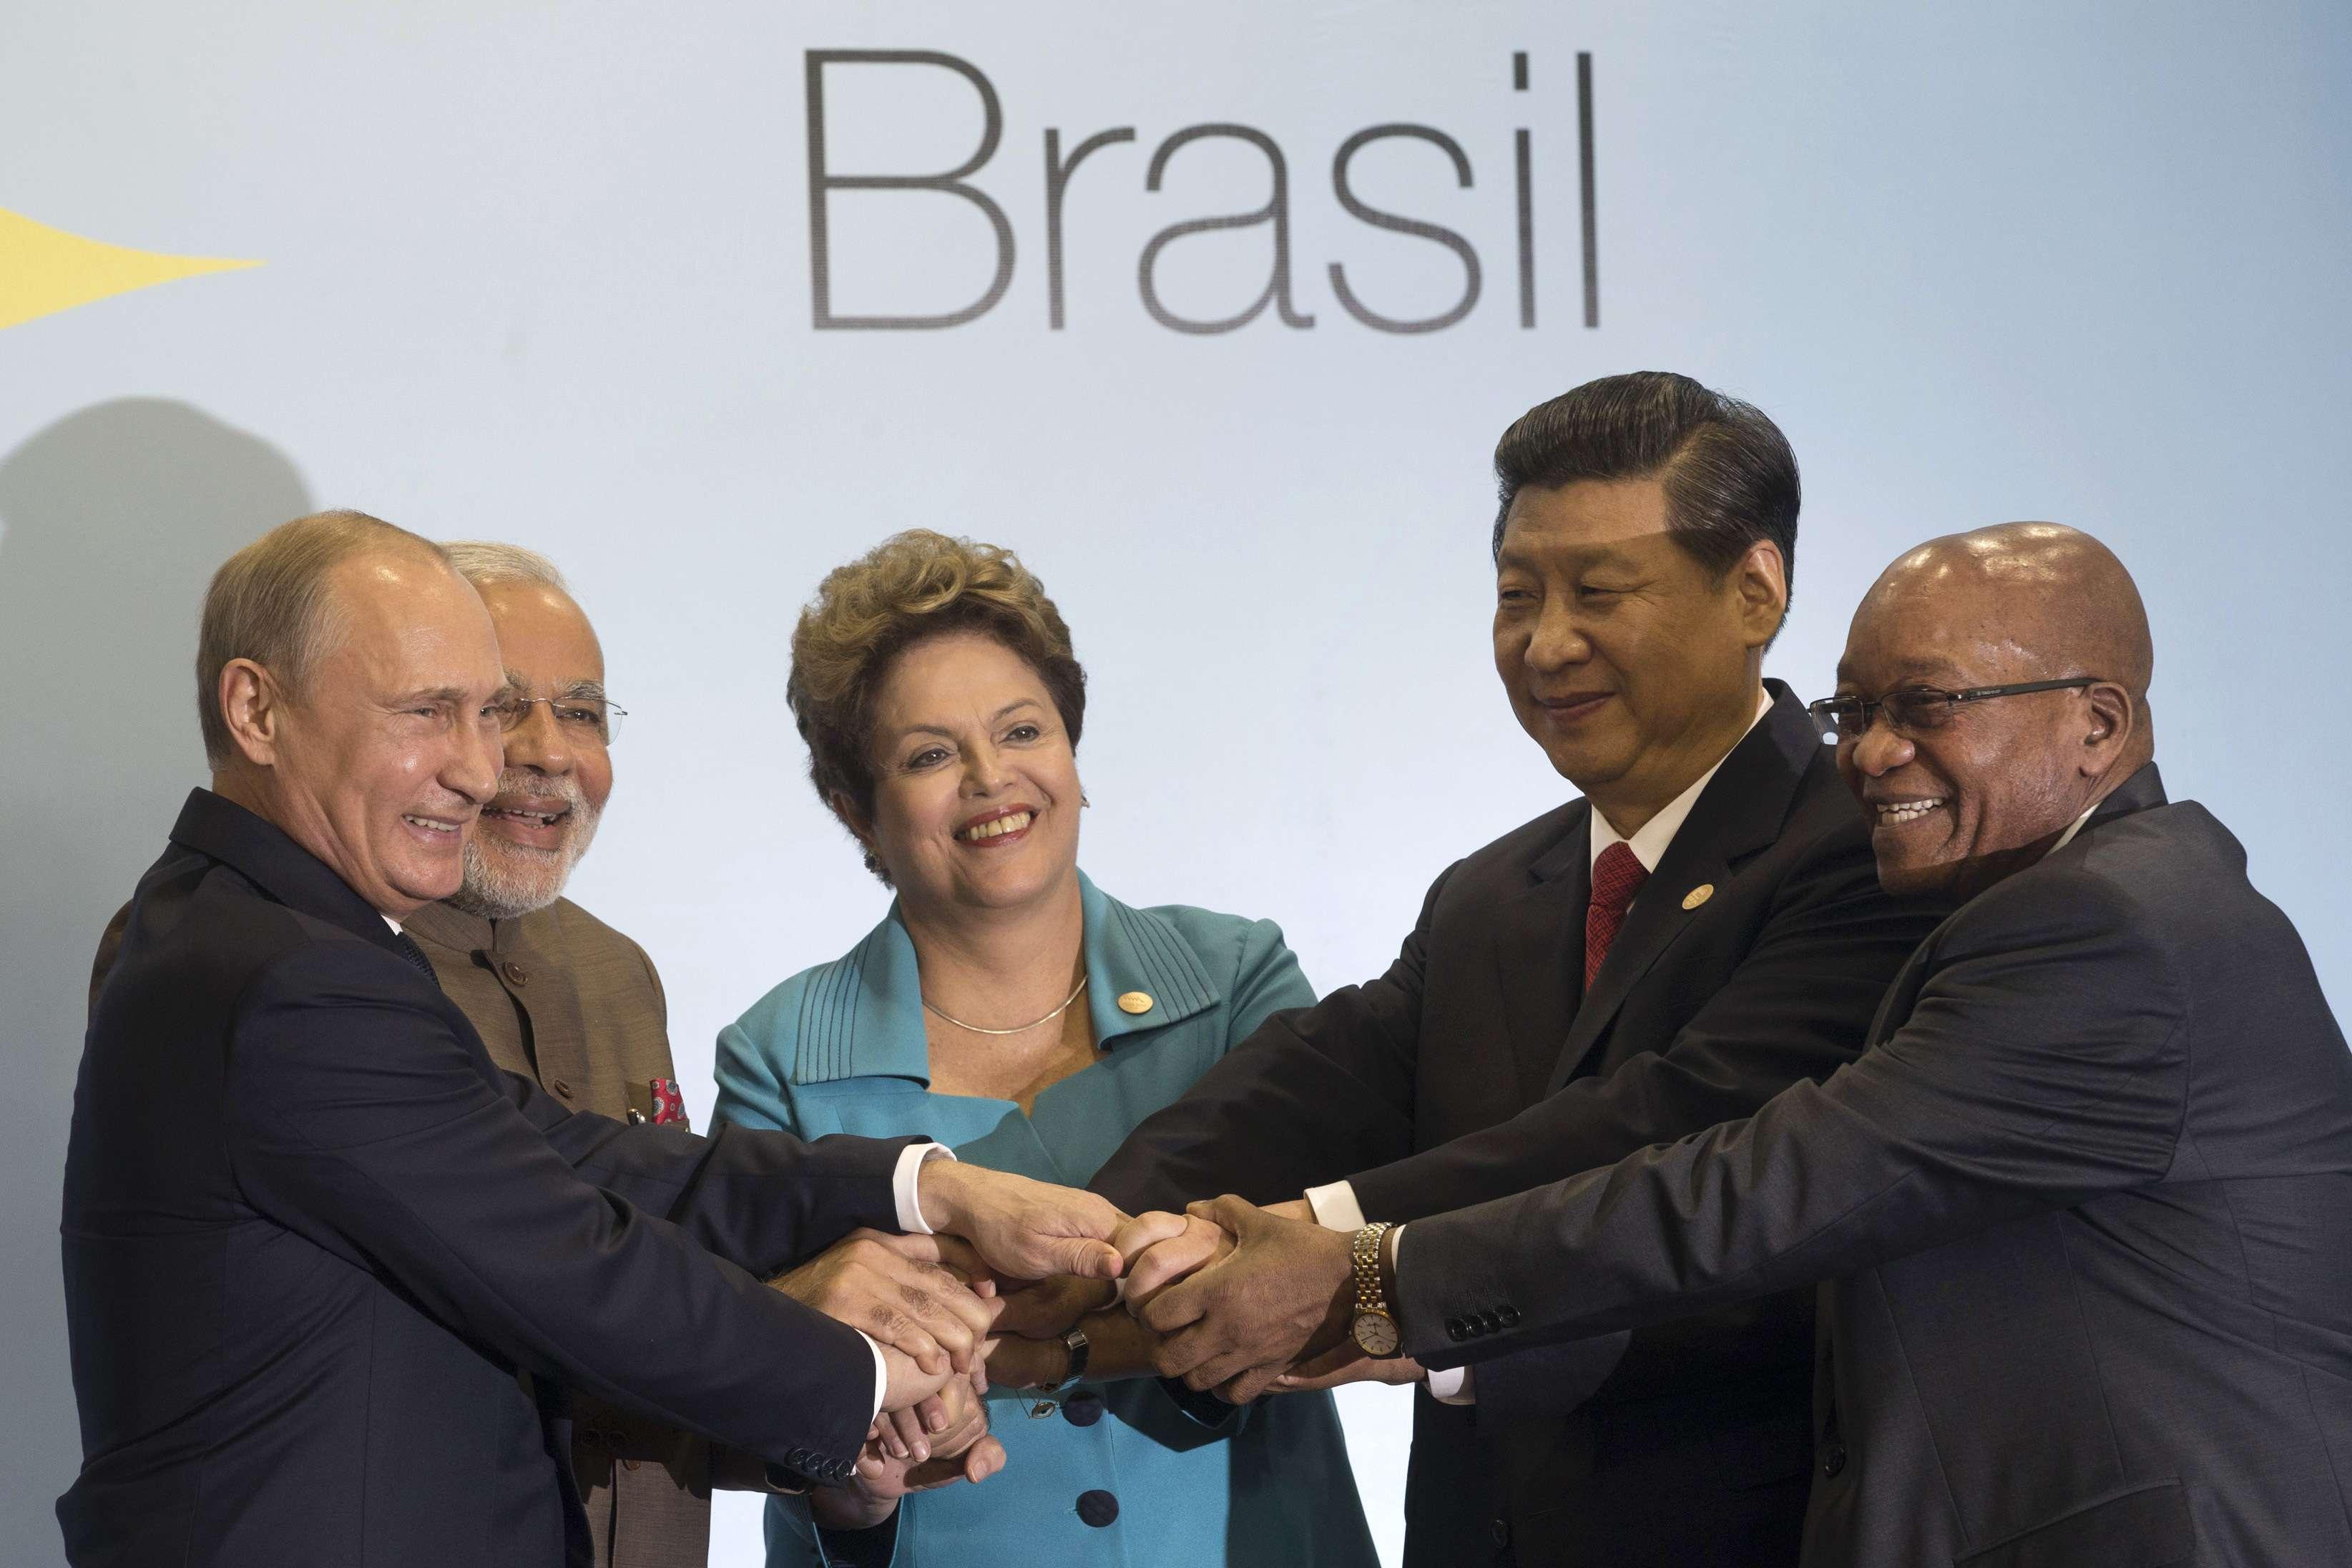 Brics ganha importância no cenário mundial, disse a presidente na sessão plenária da cúpula do bloco emergente Foto: AP